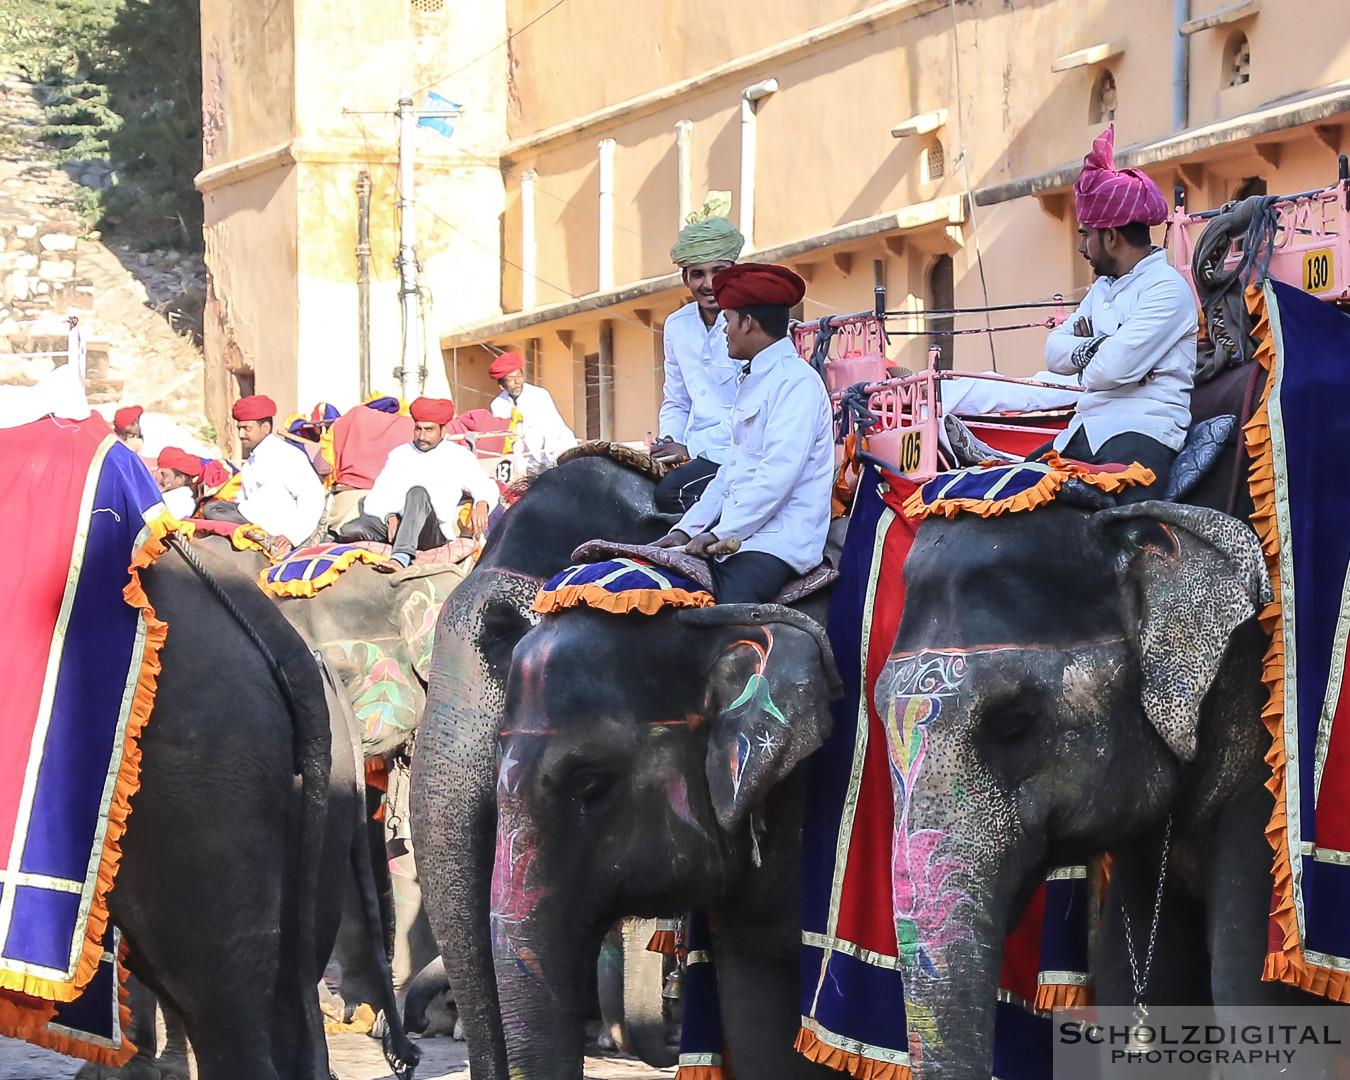 Amber Fort, Elefanten, Fürstenpalast, India, Indien, Jaipur, Rajasthan, Rundreise, India